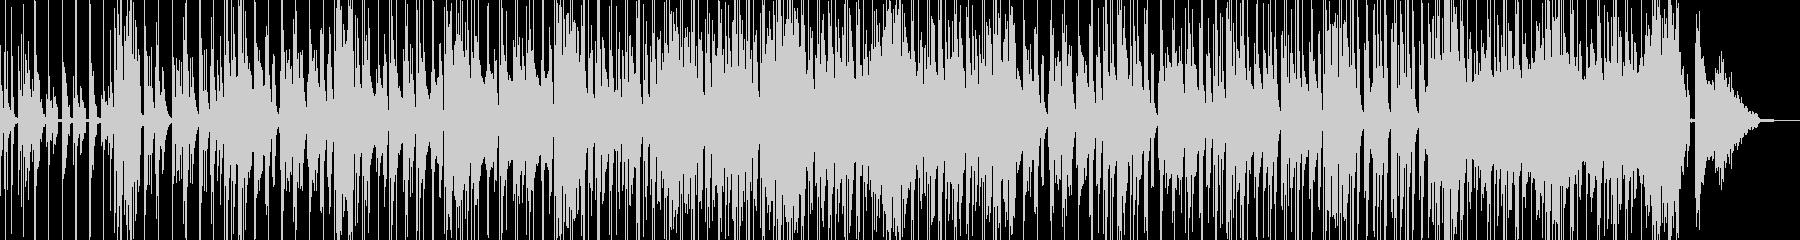 コメディやギャグに適したBGM Cの未再生の波形